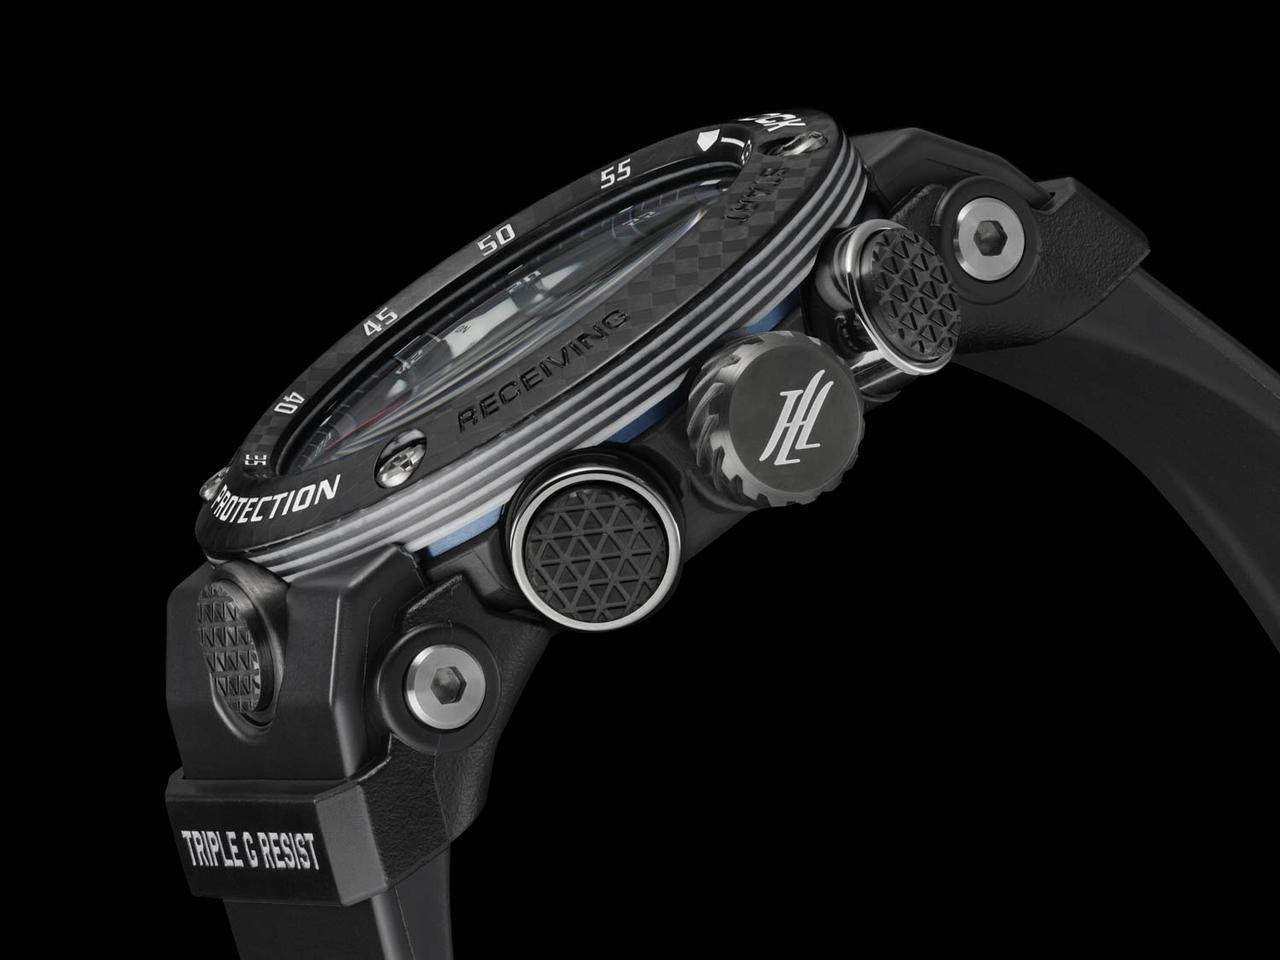 画像2: 各部に「HondaJet」の要素を盛り込んだアナログタイプのG-SHOCK